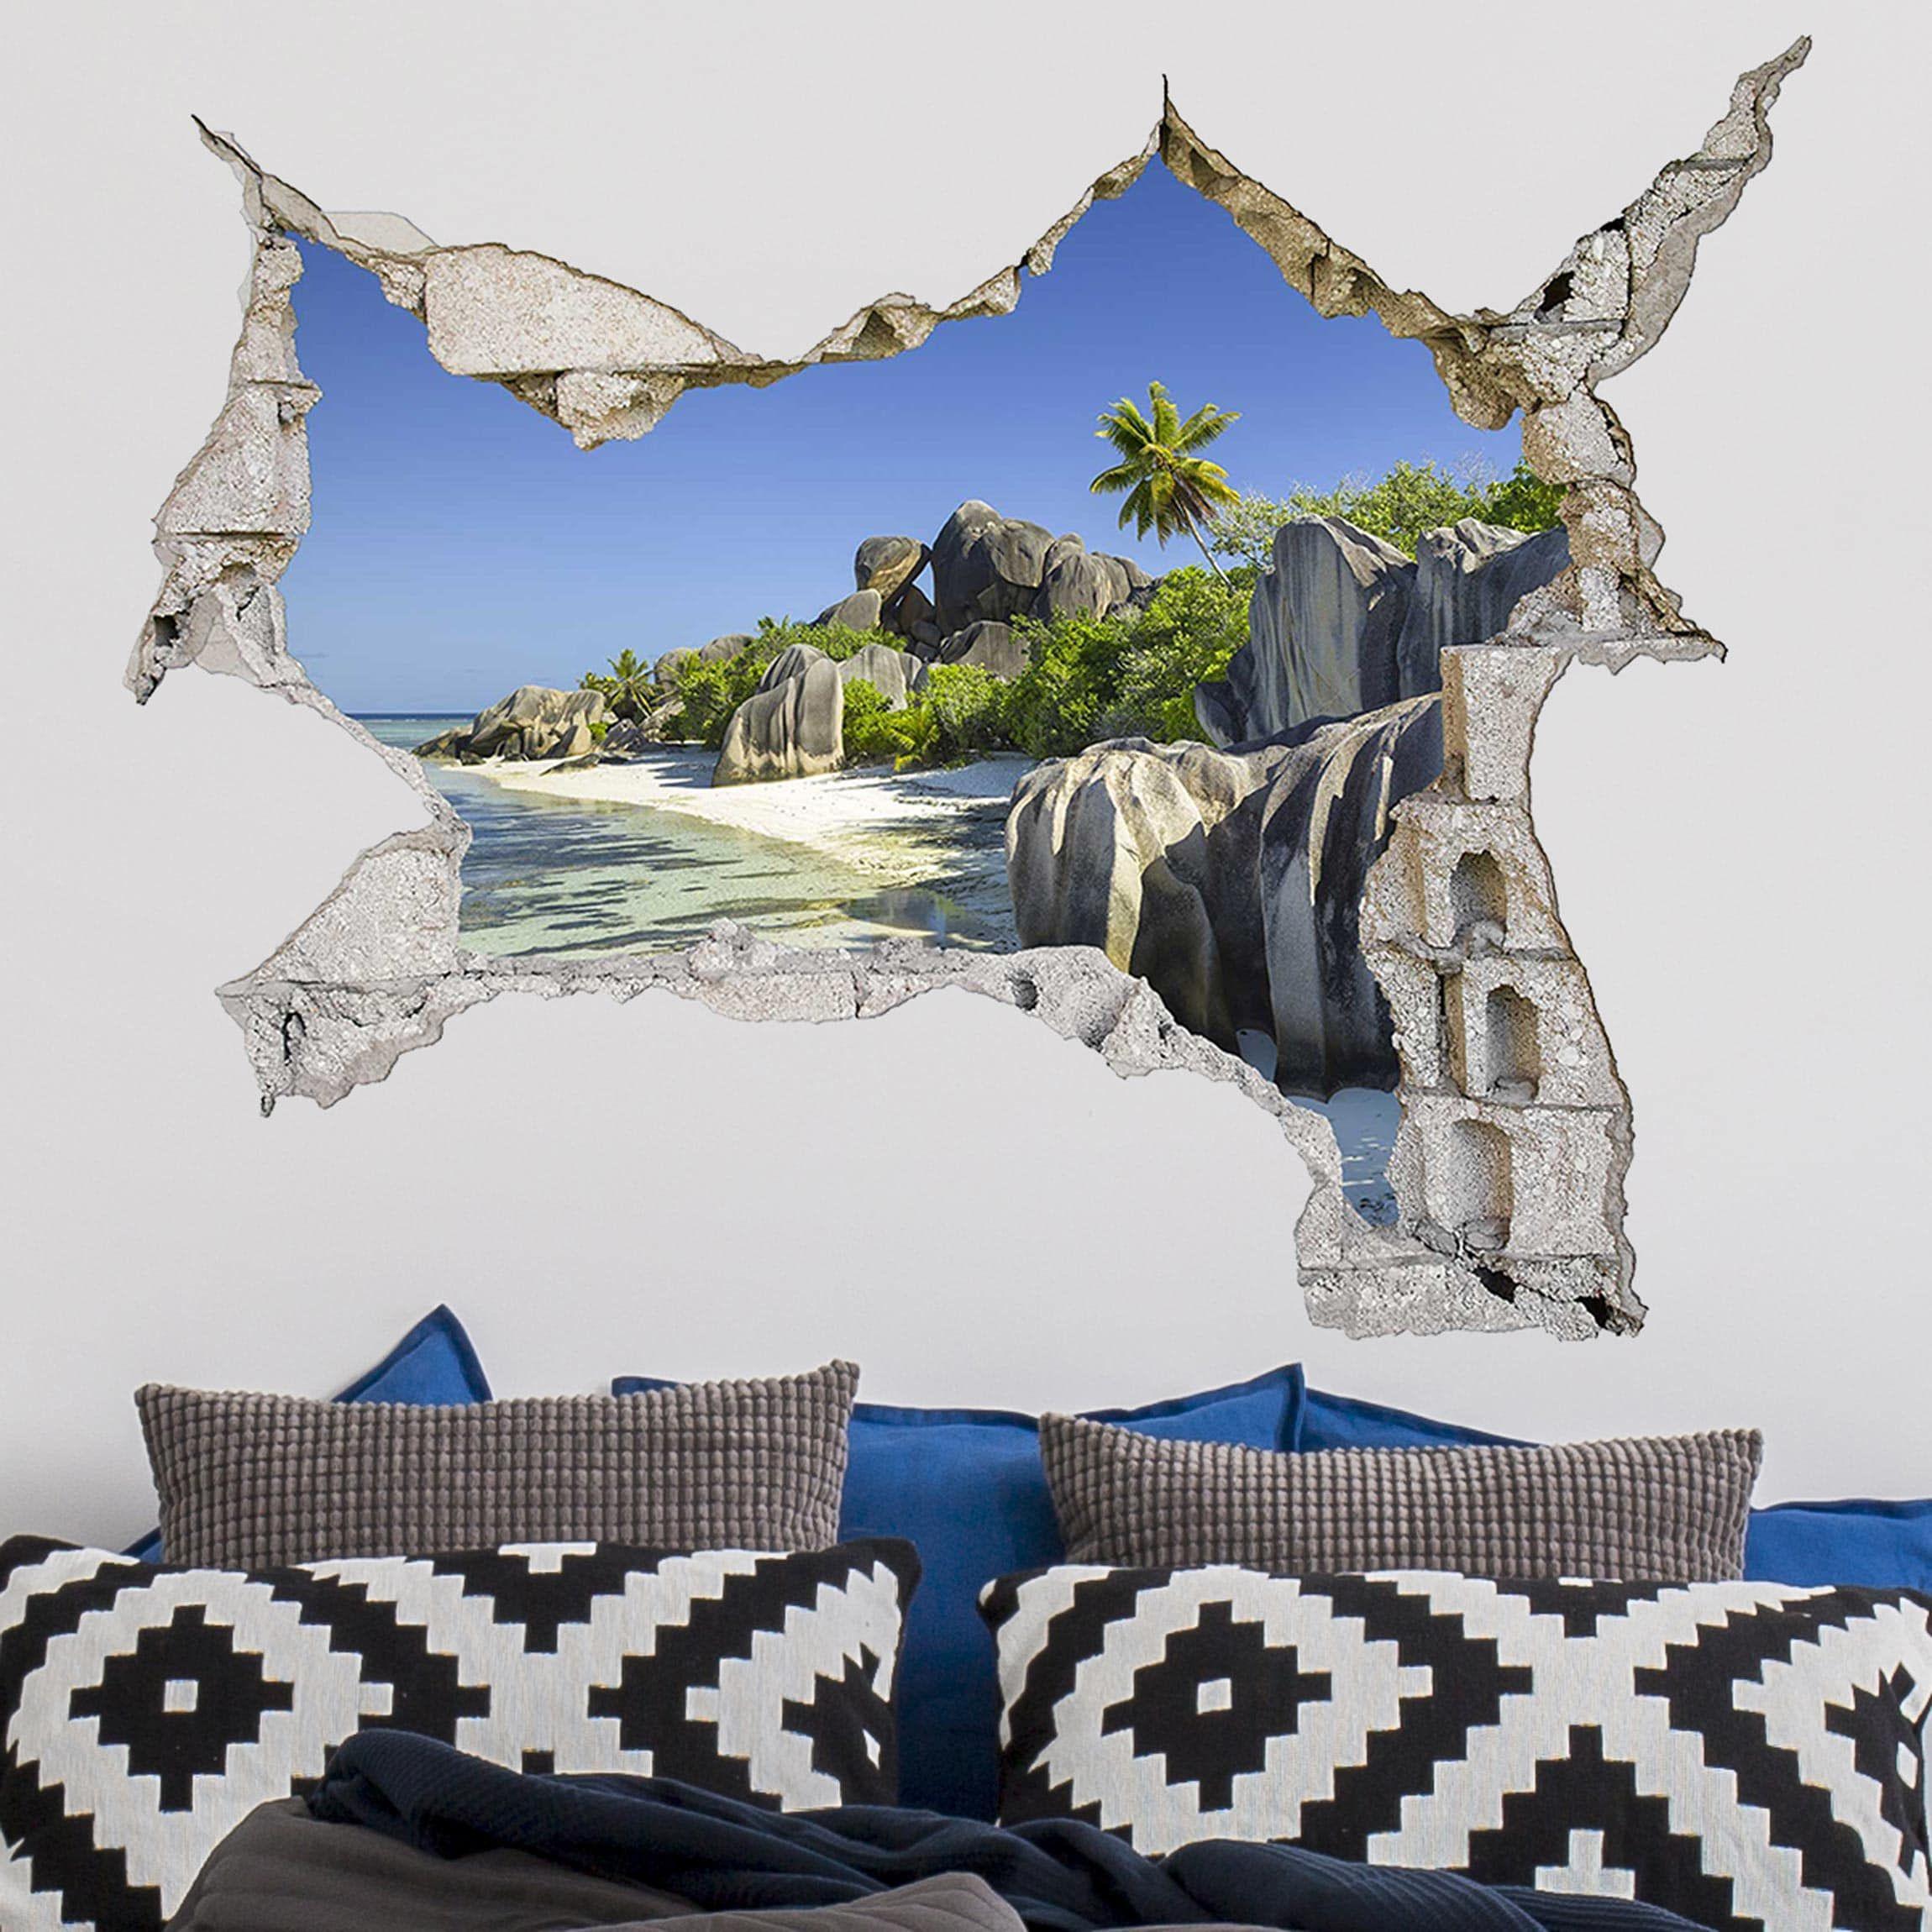 Spiaggia Dei Sogni Da Oggi Su Adesivo Murale 3d Adesivi Murali Murale Adesivi Per Pareti